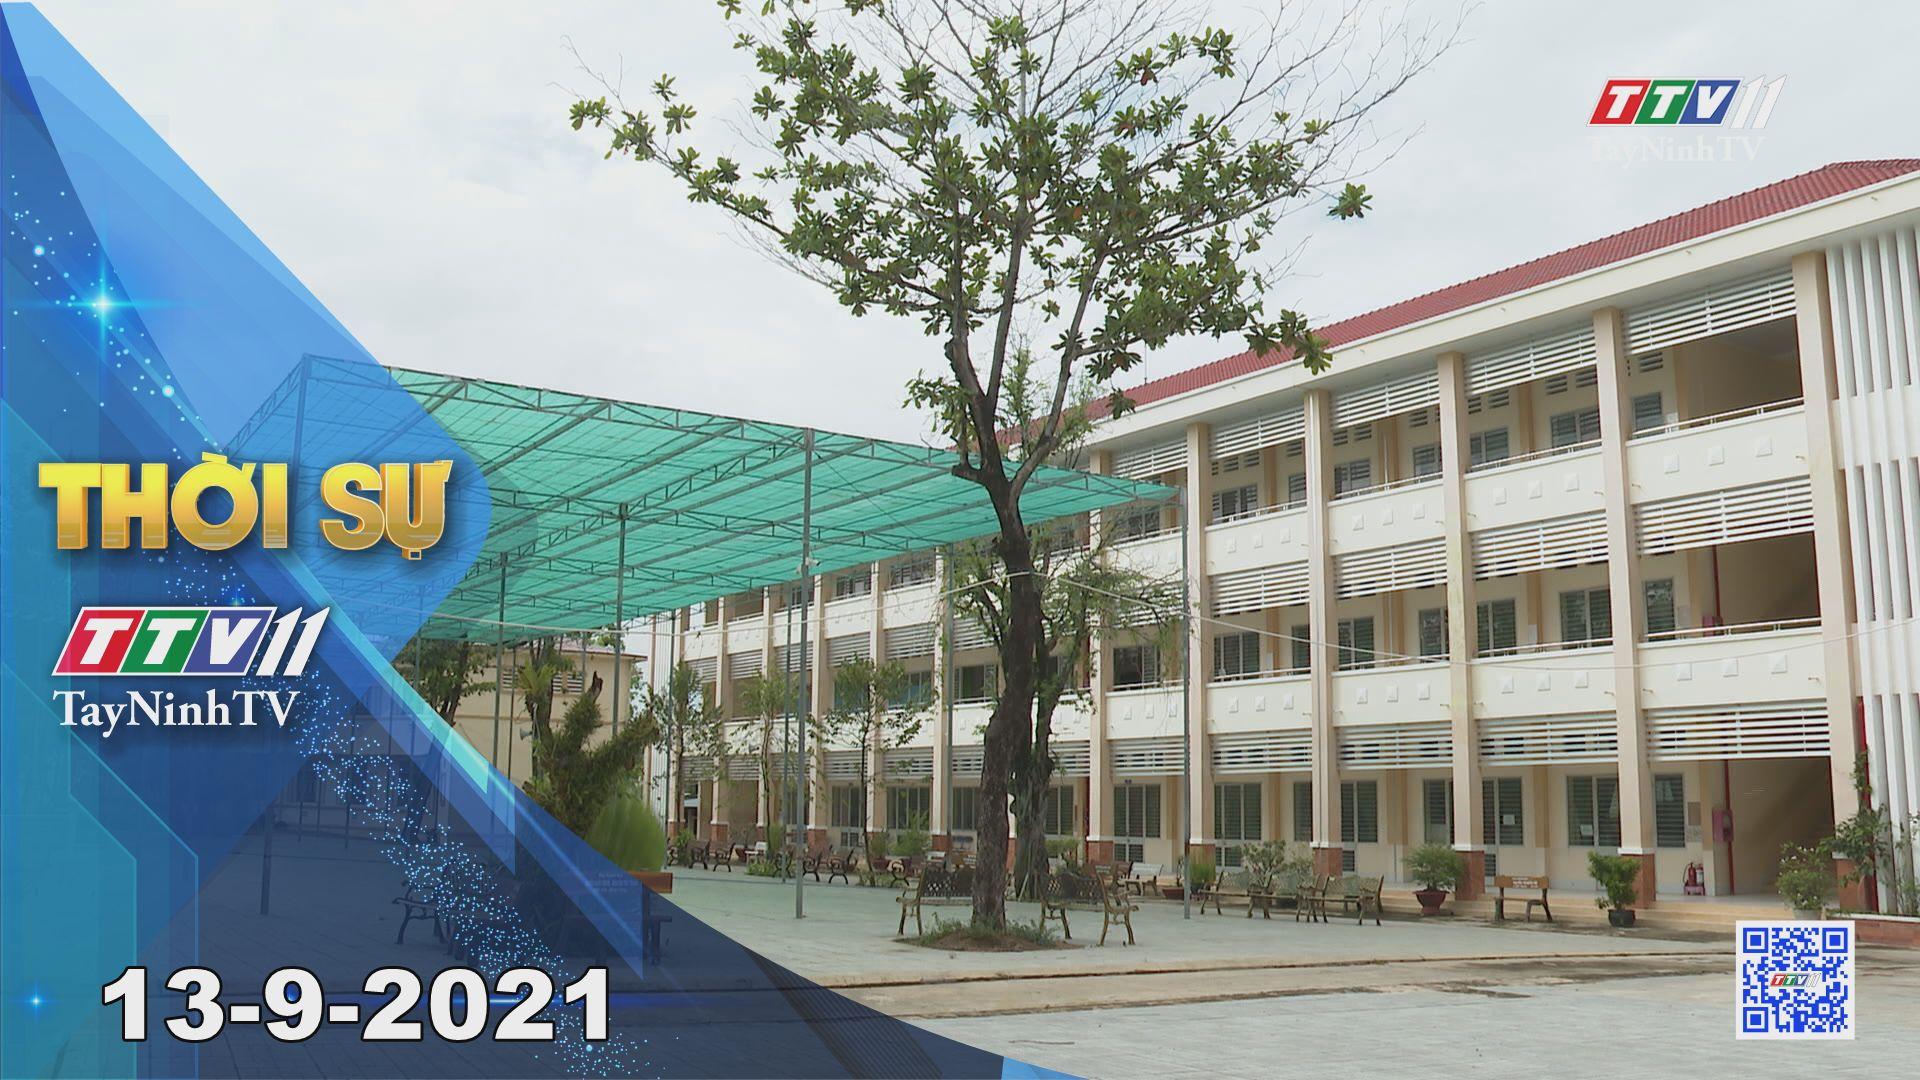 Thời sự Tây Ninh 13-9-2021 | Tin tức hôm nay | TayNinhTV